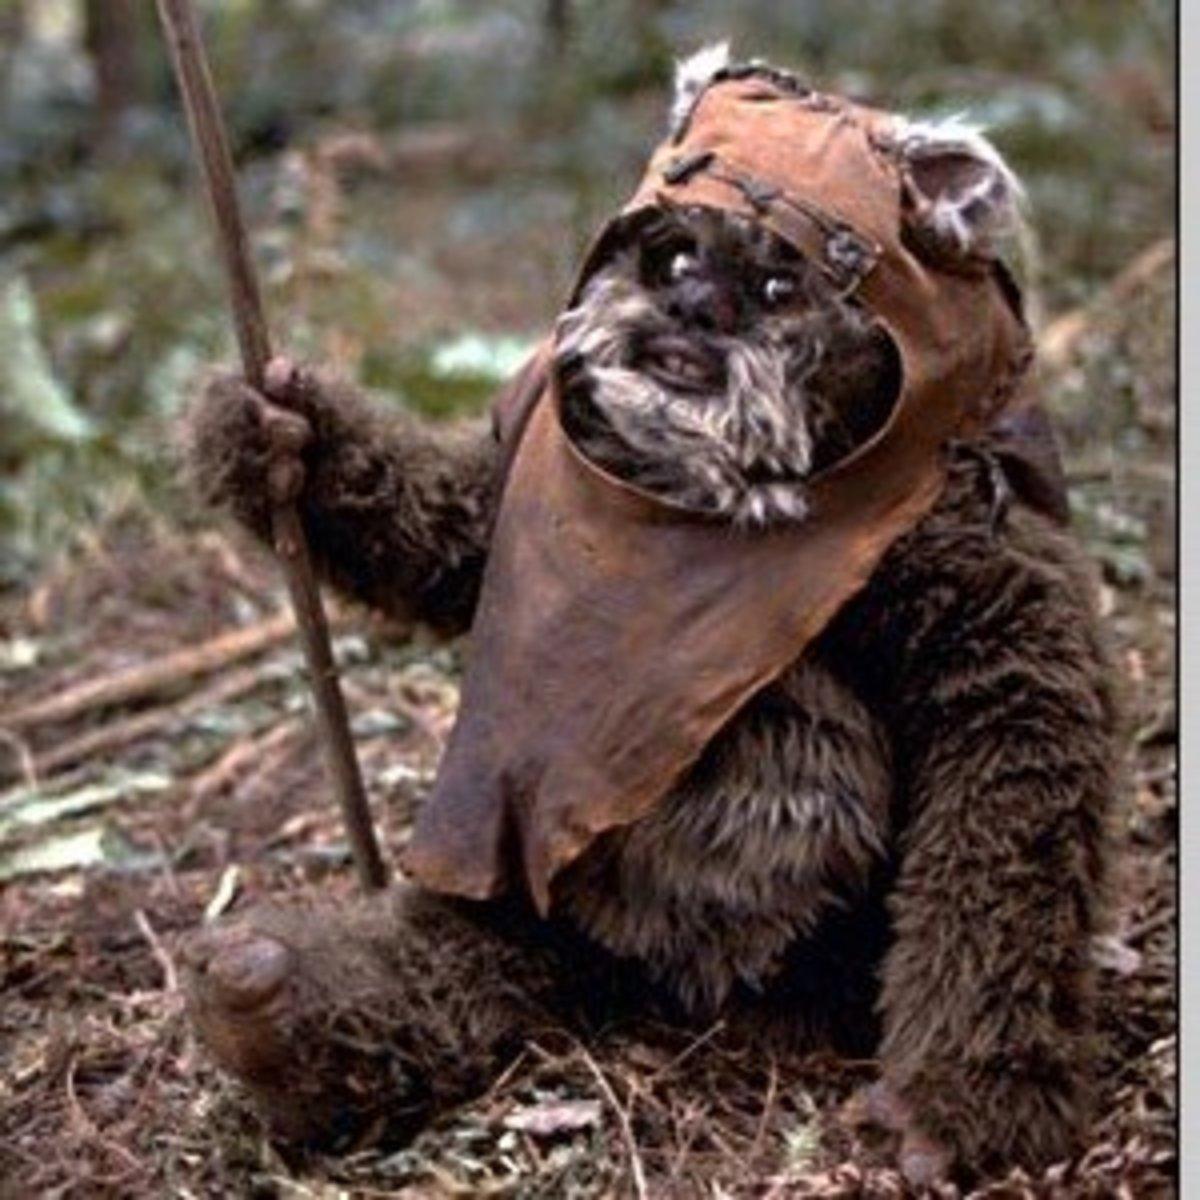 An Ewok in its natural habitat